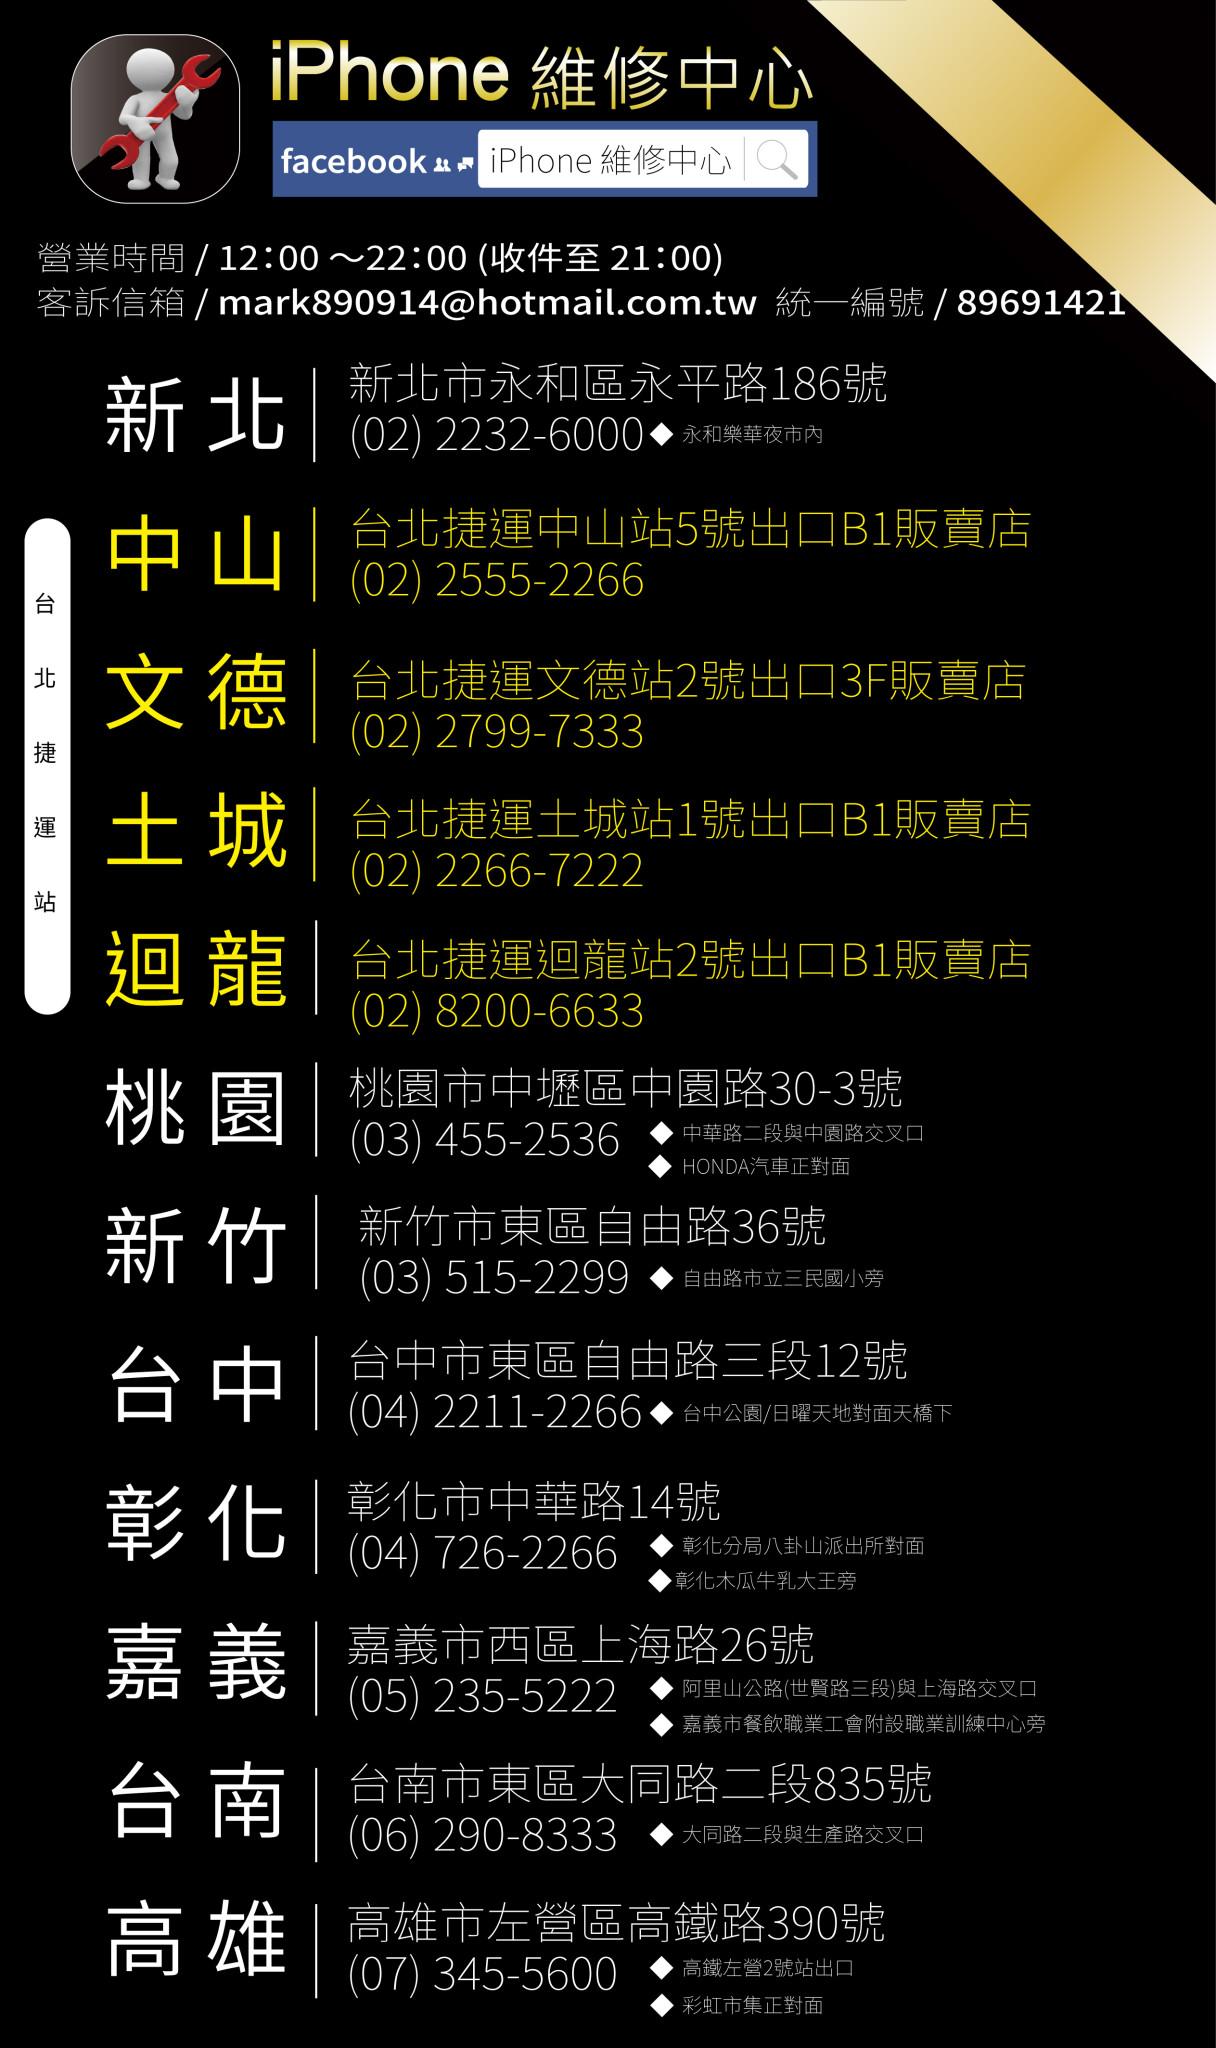 20160615_iphone維修中心_網站下方資訊